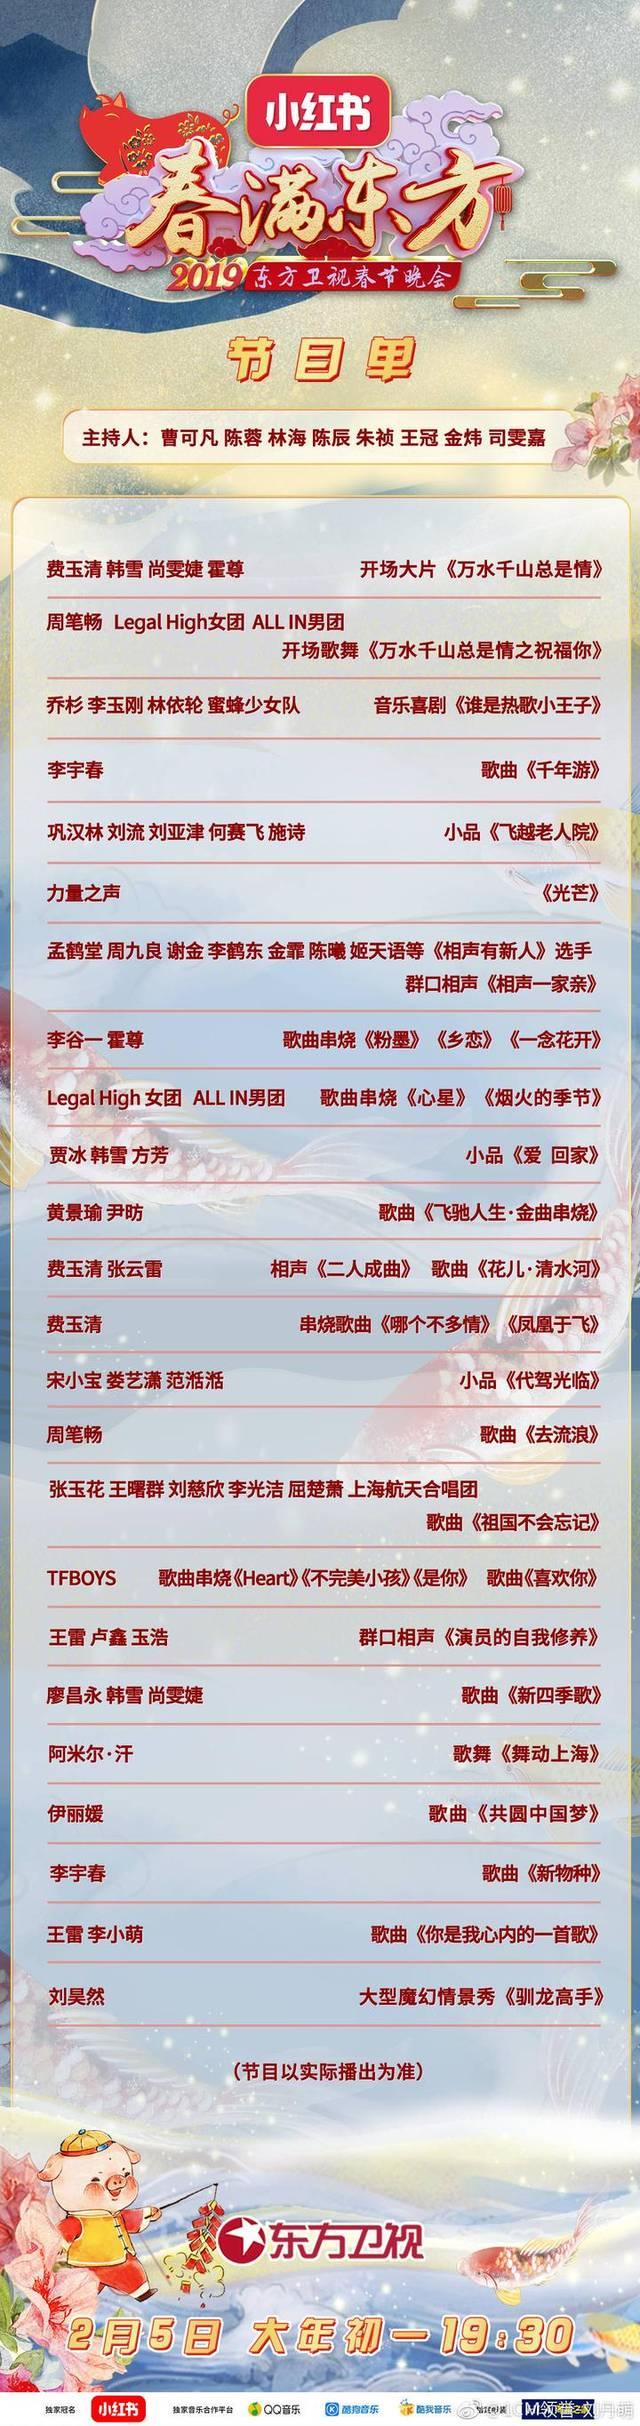 江苏卫视节目单_北京,东方,江苏卫视的春晚节目单!请查收